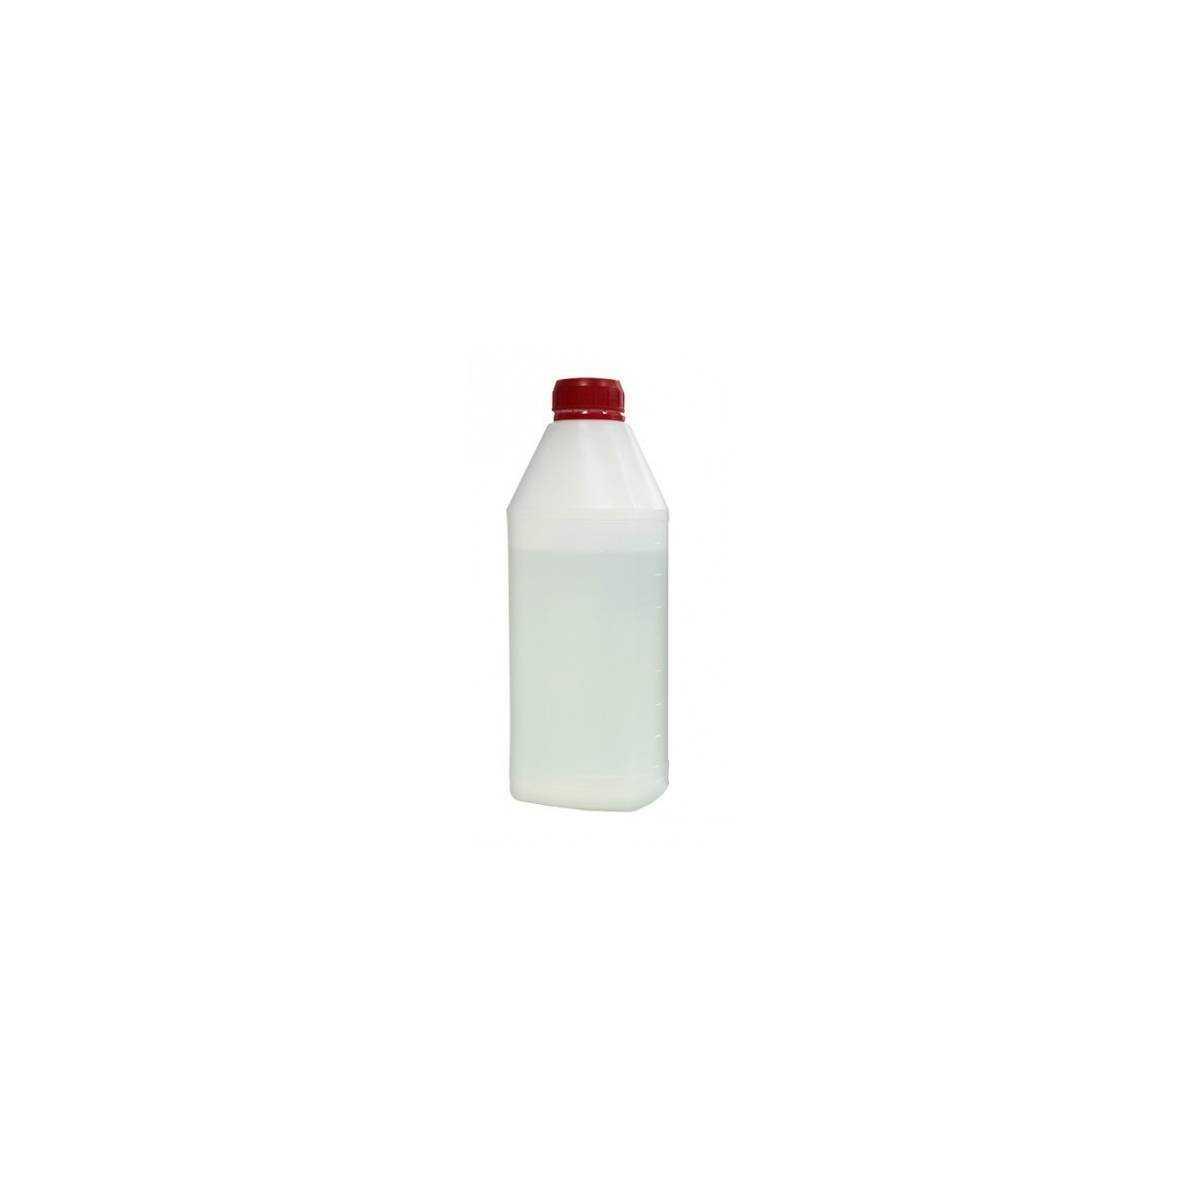 Средство моющее для керамических и мраморных полов 1 л D.N.P.1000/M 1л ECOCHEM